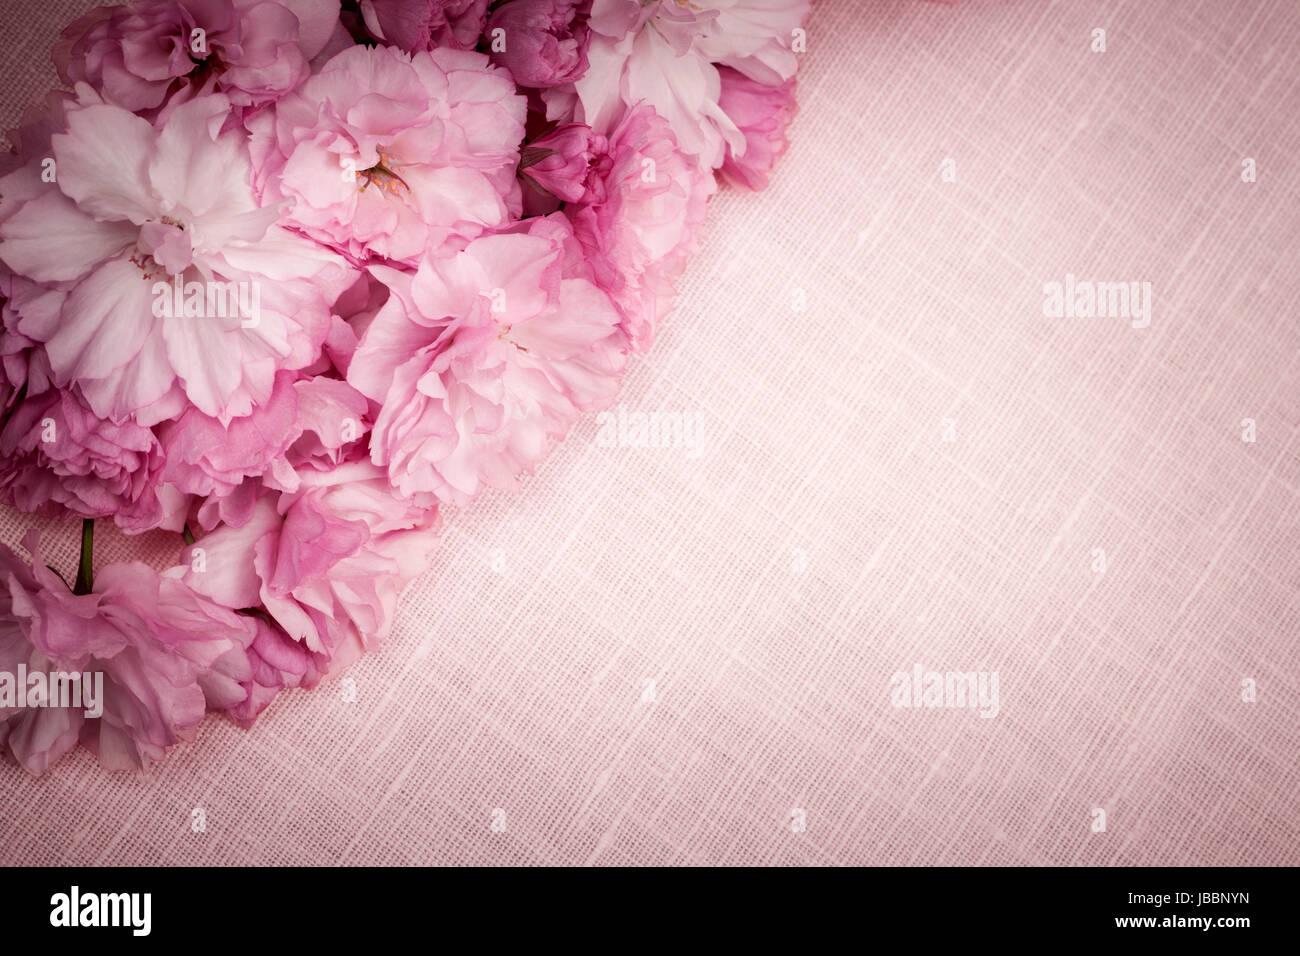 Rosa In Tessuto Di Lino Sfondo Con Fiori Di Ciliegio Foto Immagine